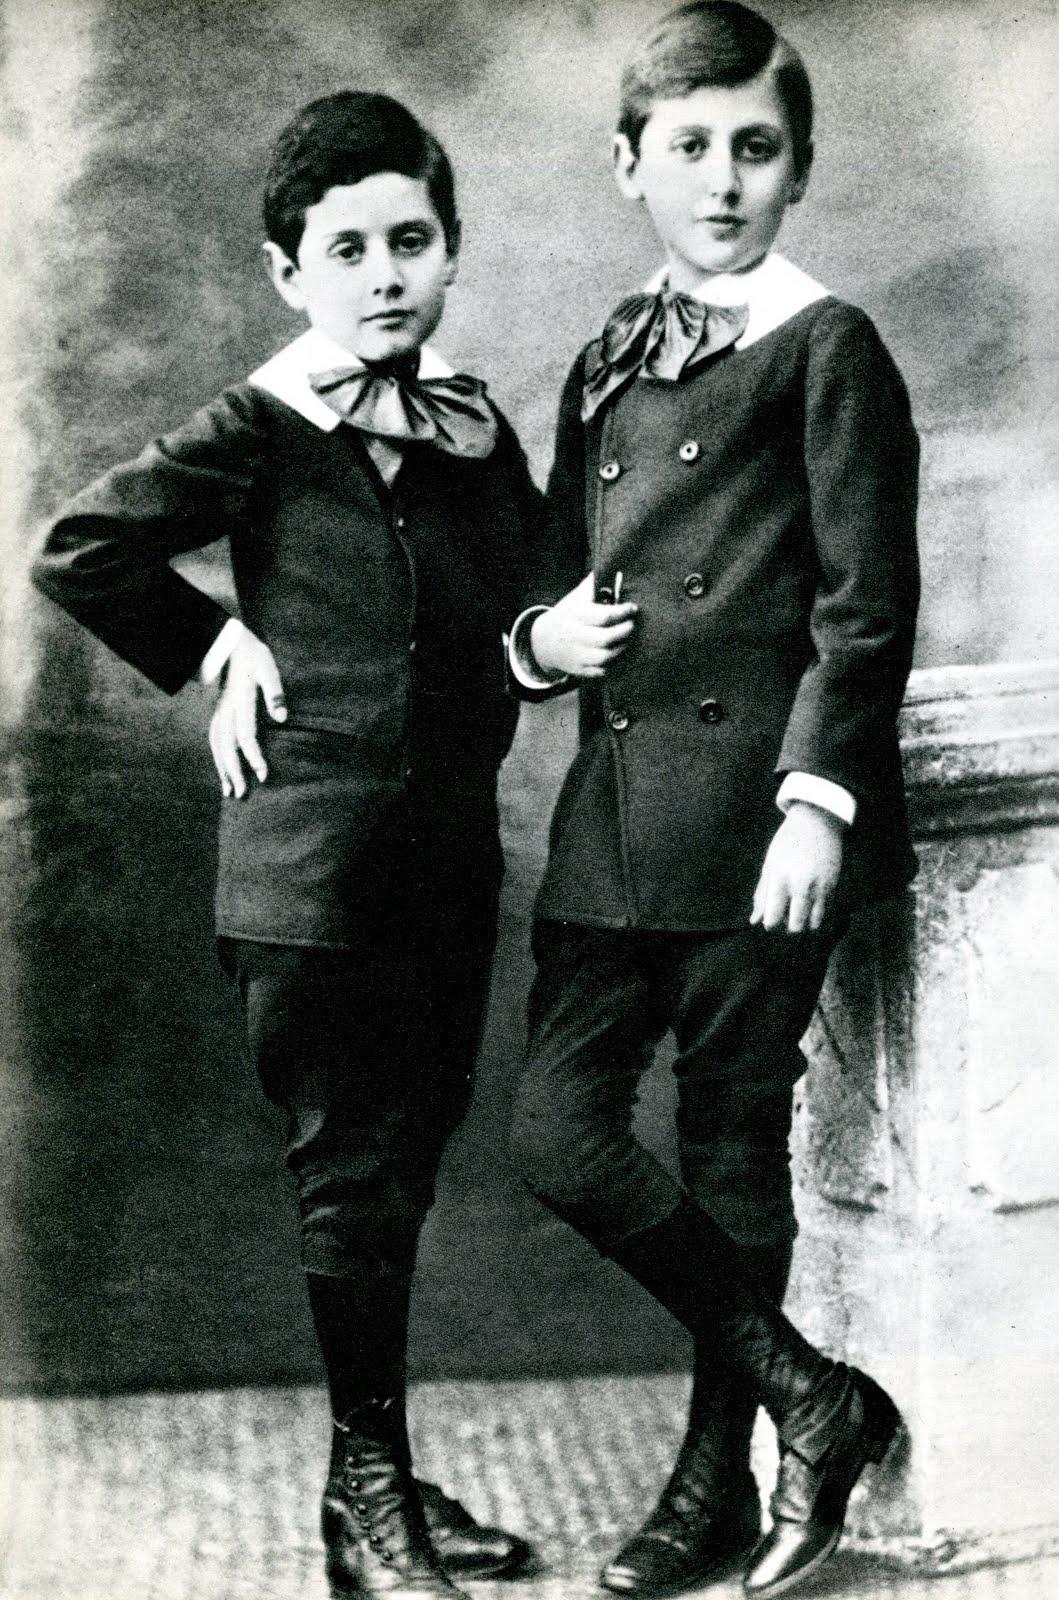 Cityzenart Marcel Proust